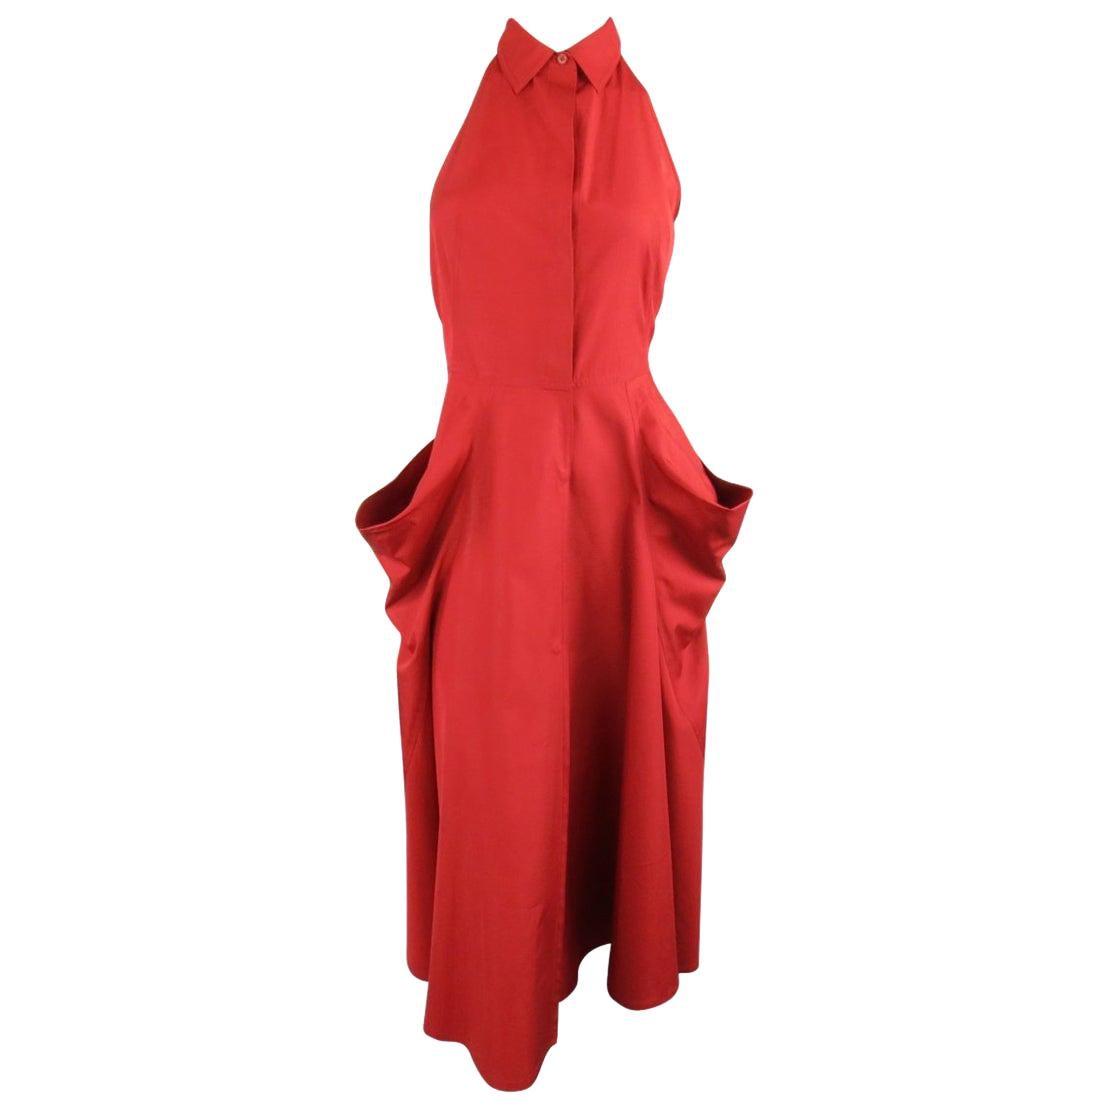 DONNA KARAN Size 4 Red Cotton Halter Top A Lline Shirt Dress